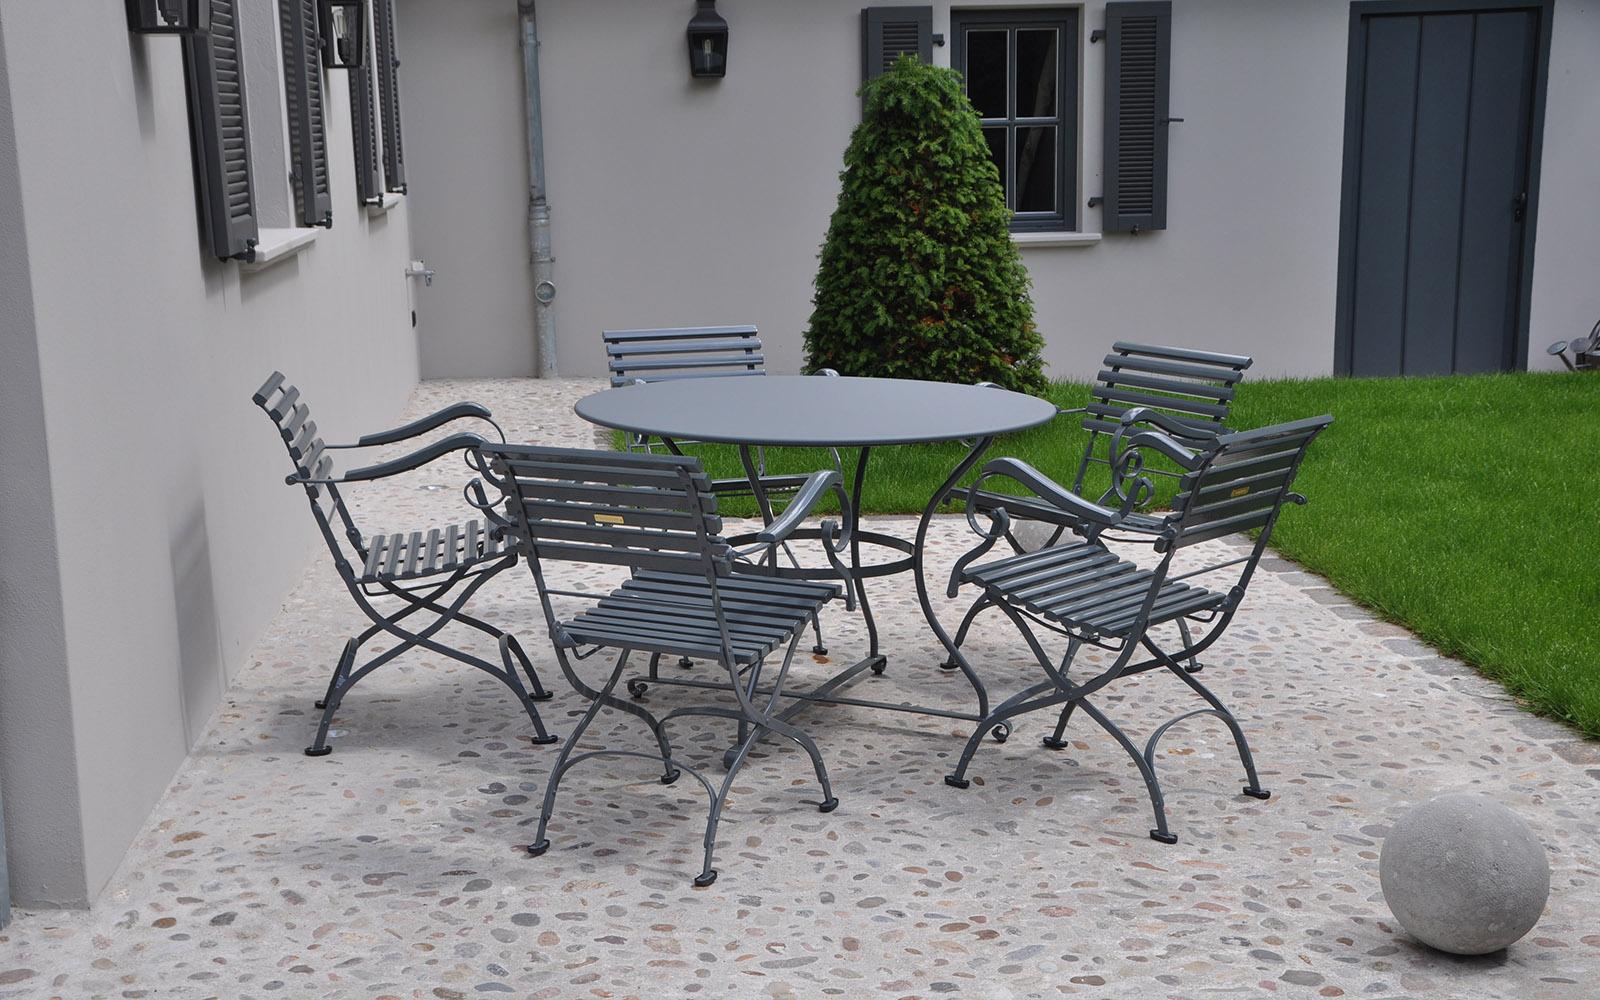 Koningdamen, stijlvolle tuinmeubelen, outdoor furniture, klassieke tuin meubelen